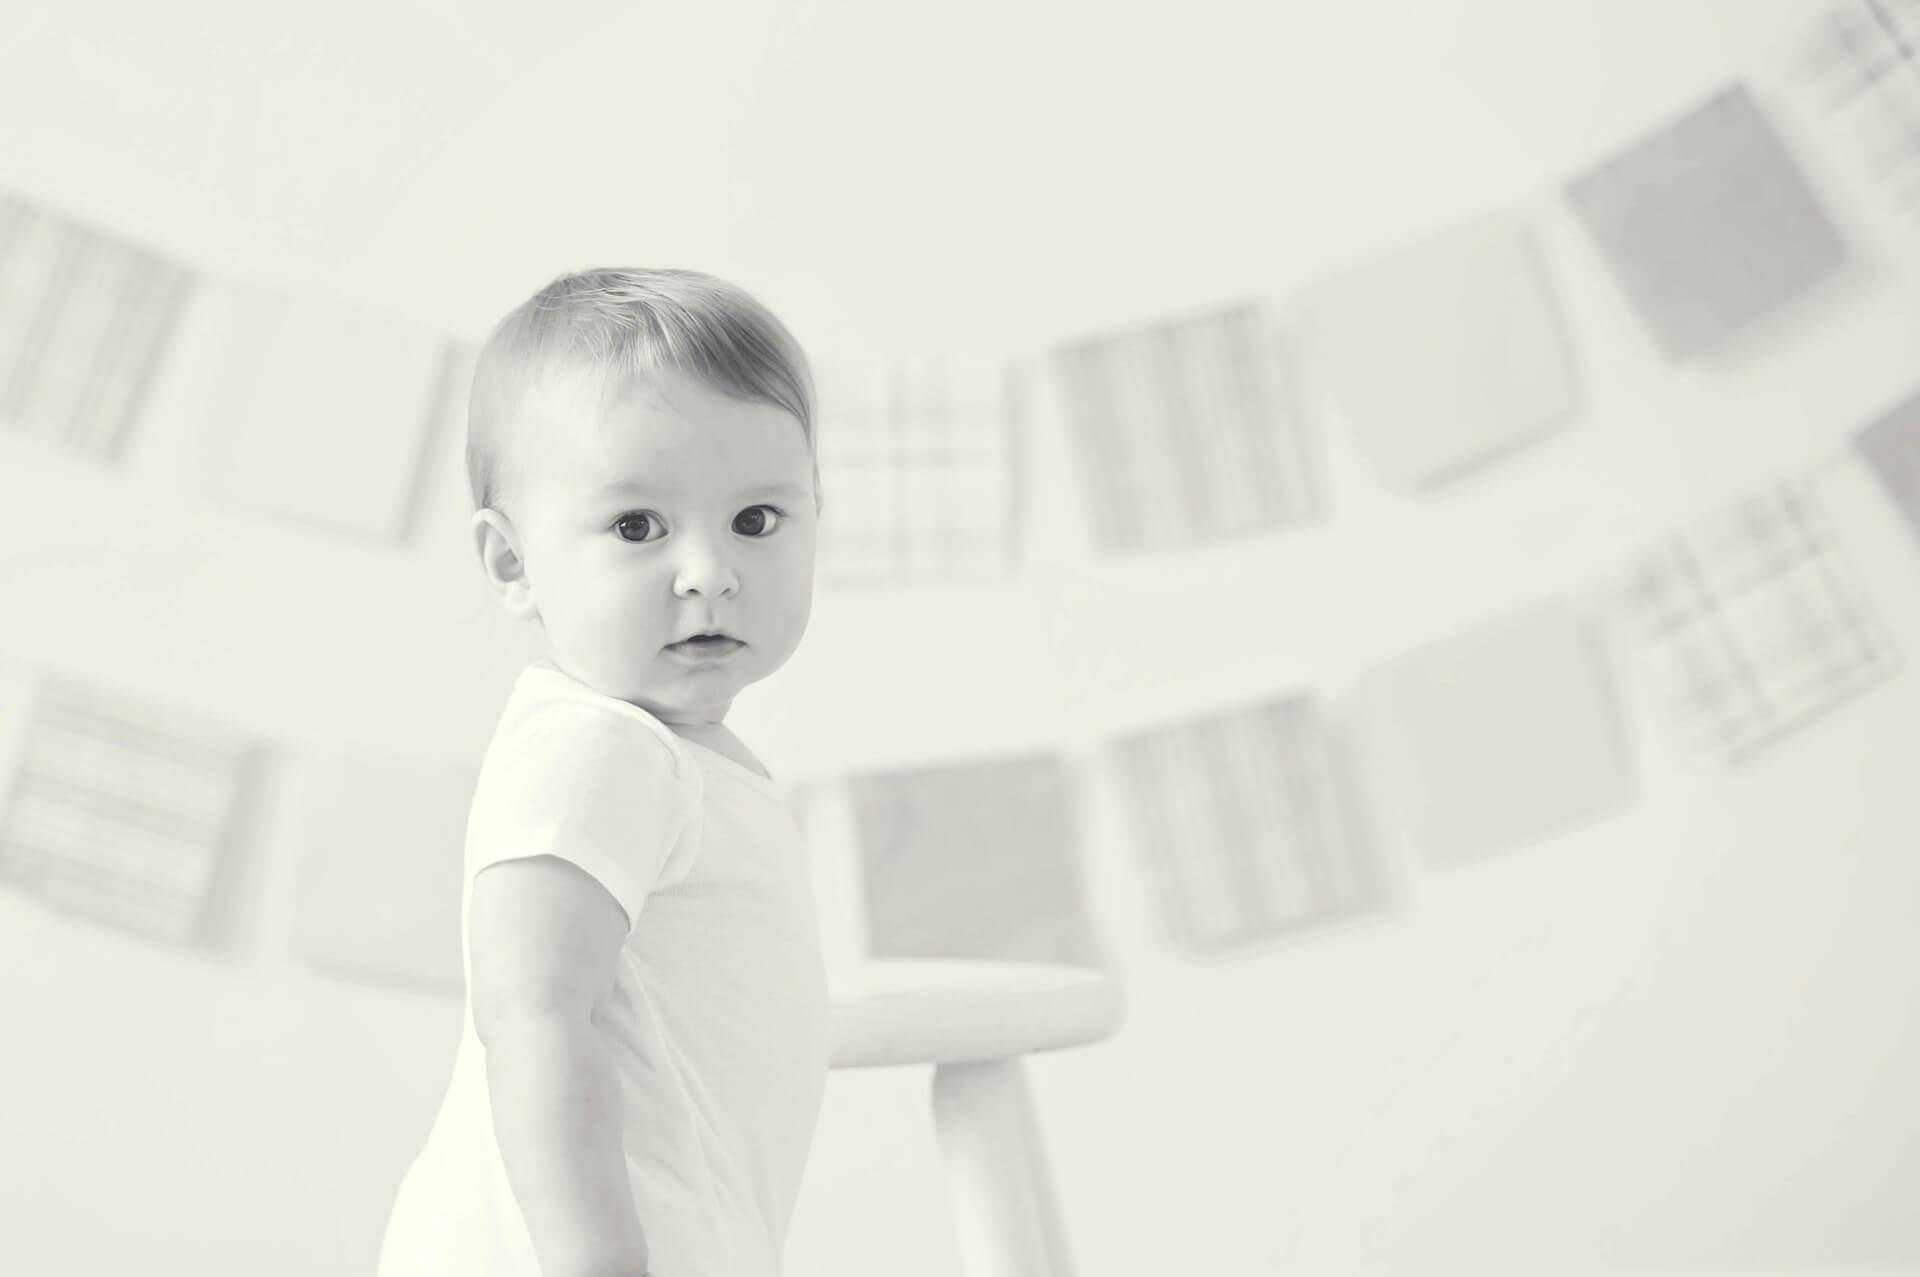 Übungen zur frühen Stimulation zwischen 0 und 3 Monaten